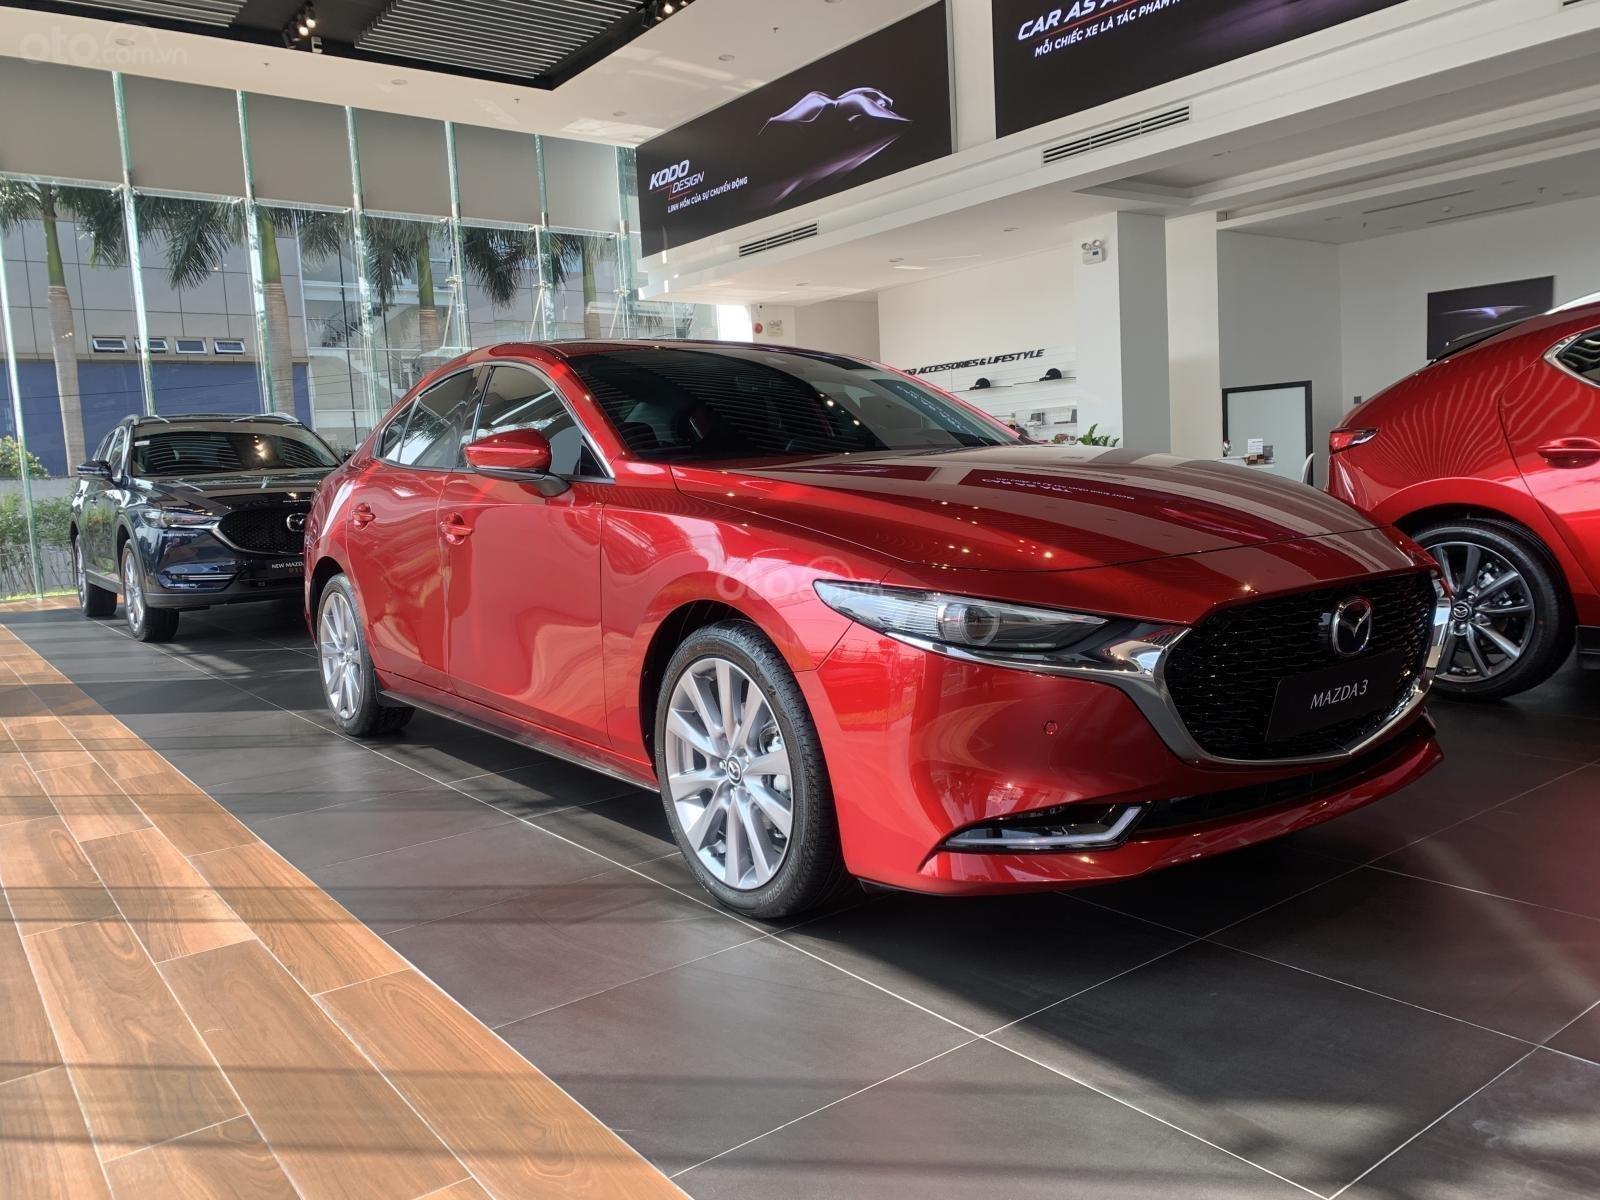 Bán Mazda 3 All New 2020 đủ màu, giá tốt, giao ngay (1)